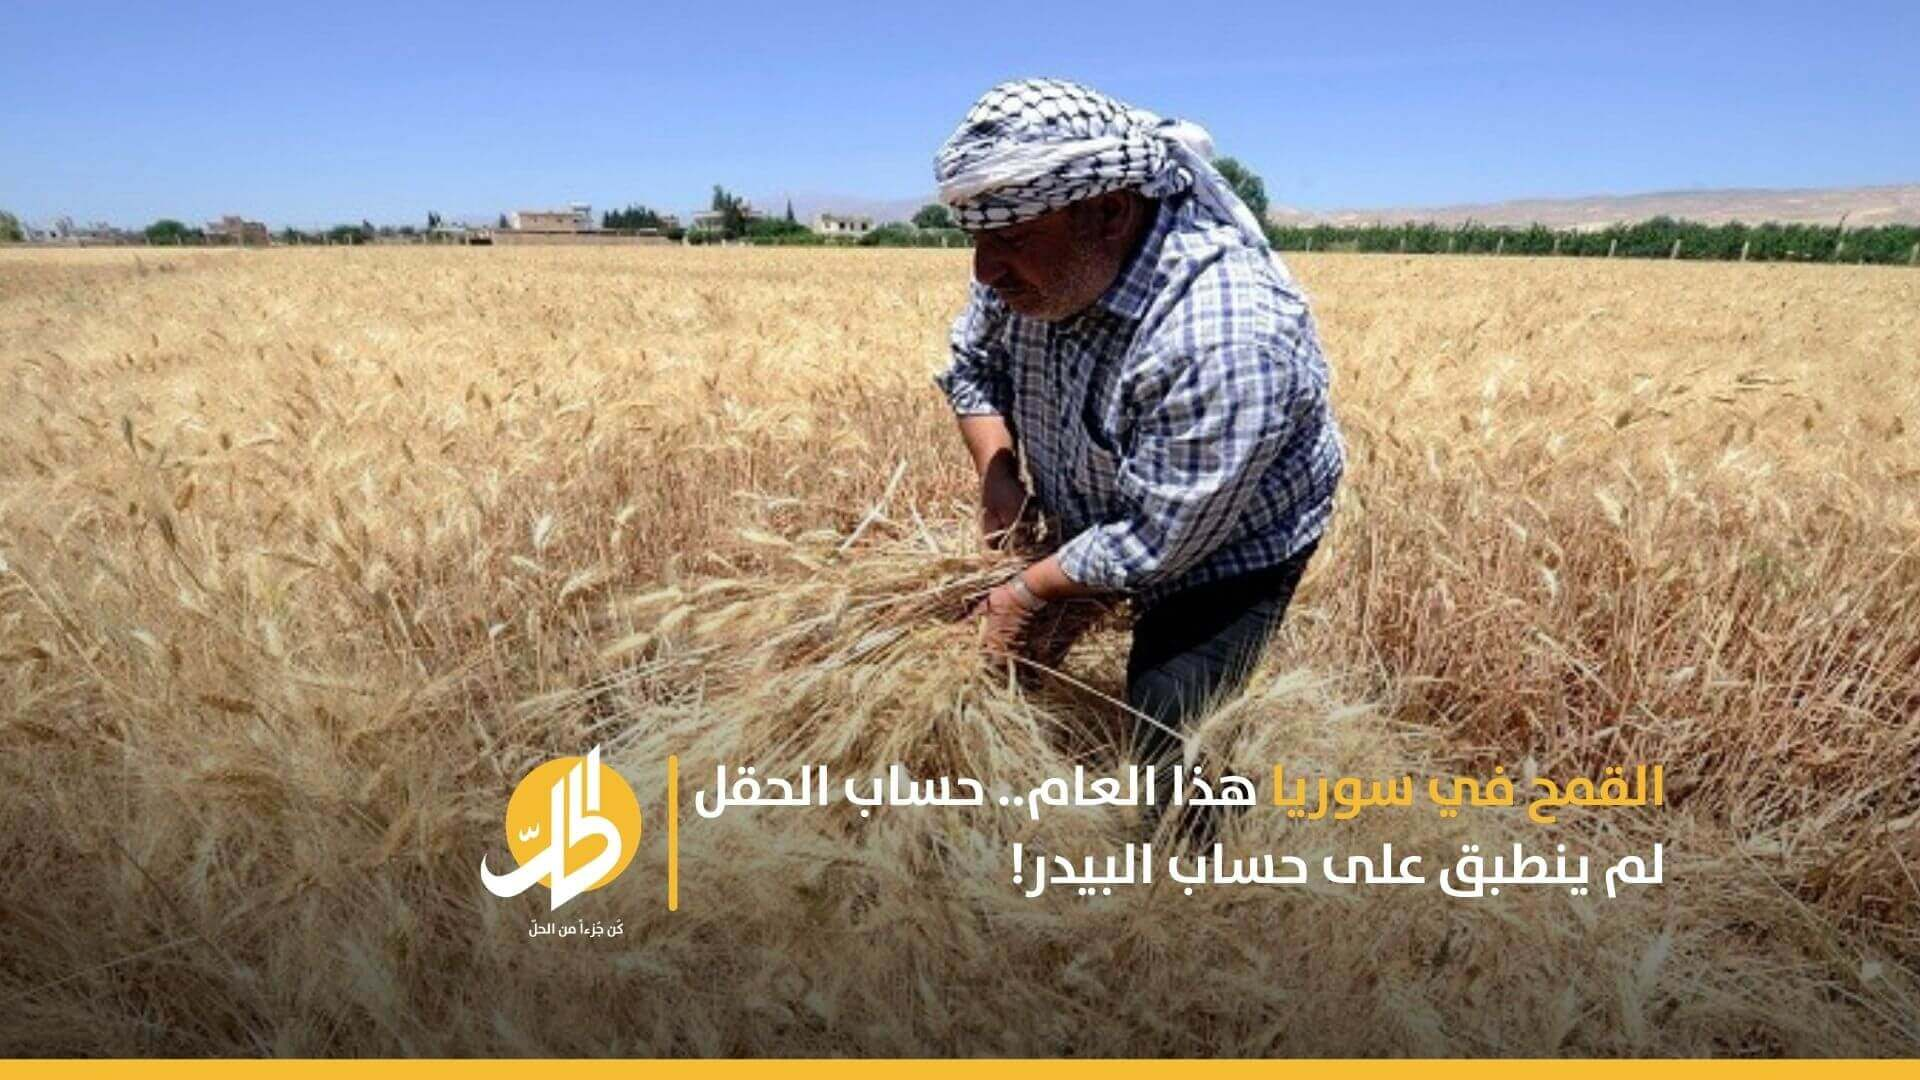 موسم القمح في سوريا هذا العام.. واختلاف حسابات الحقل والبيدر